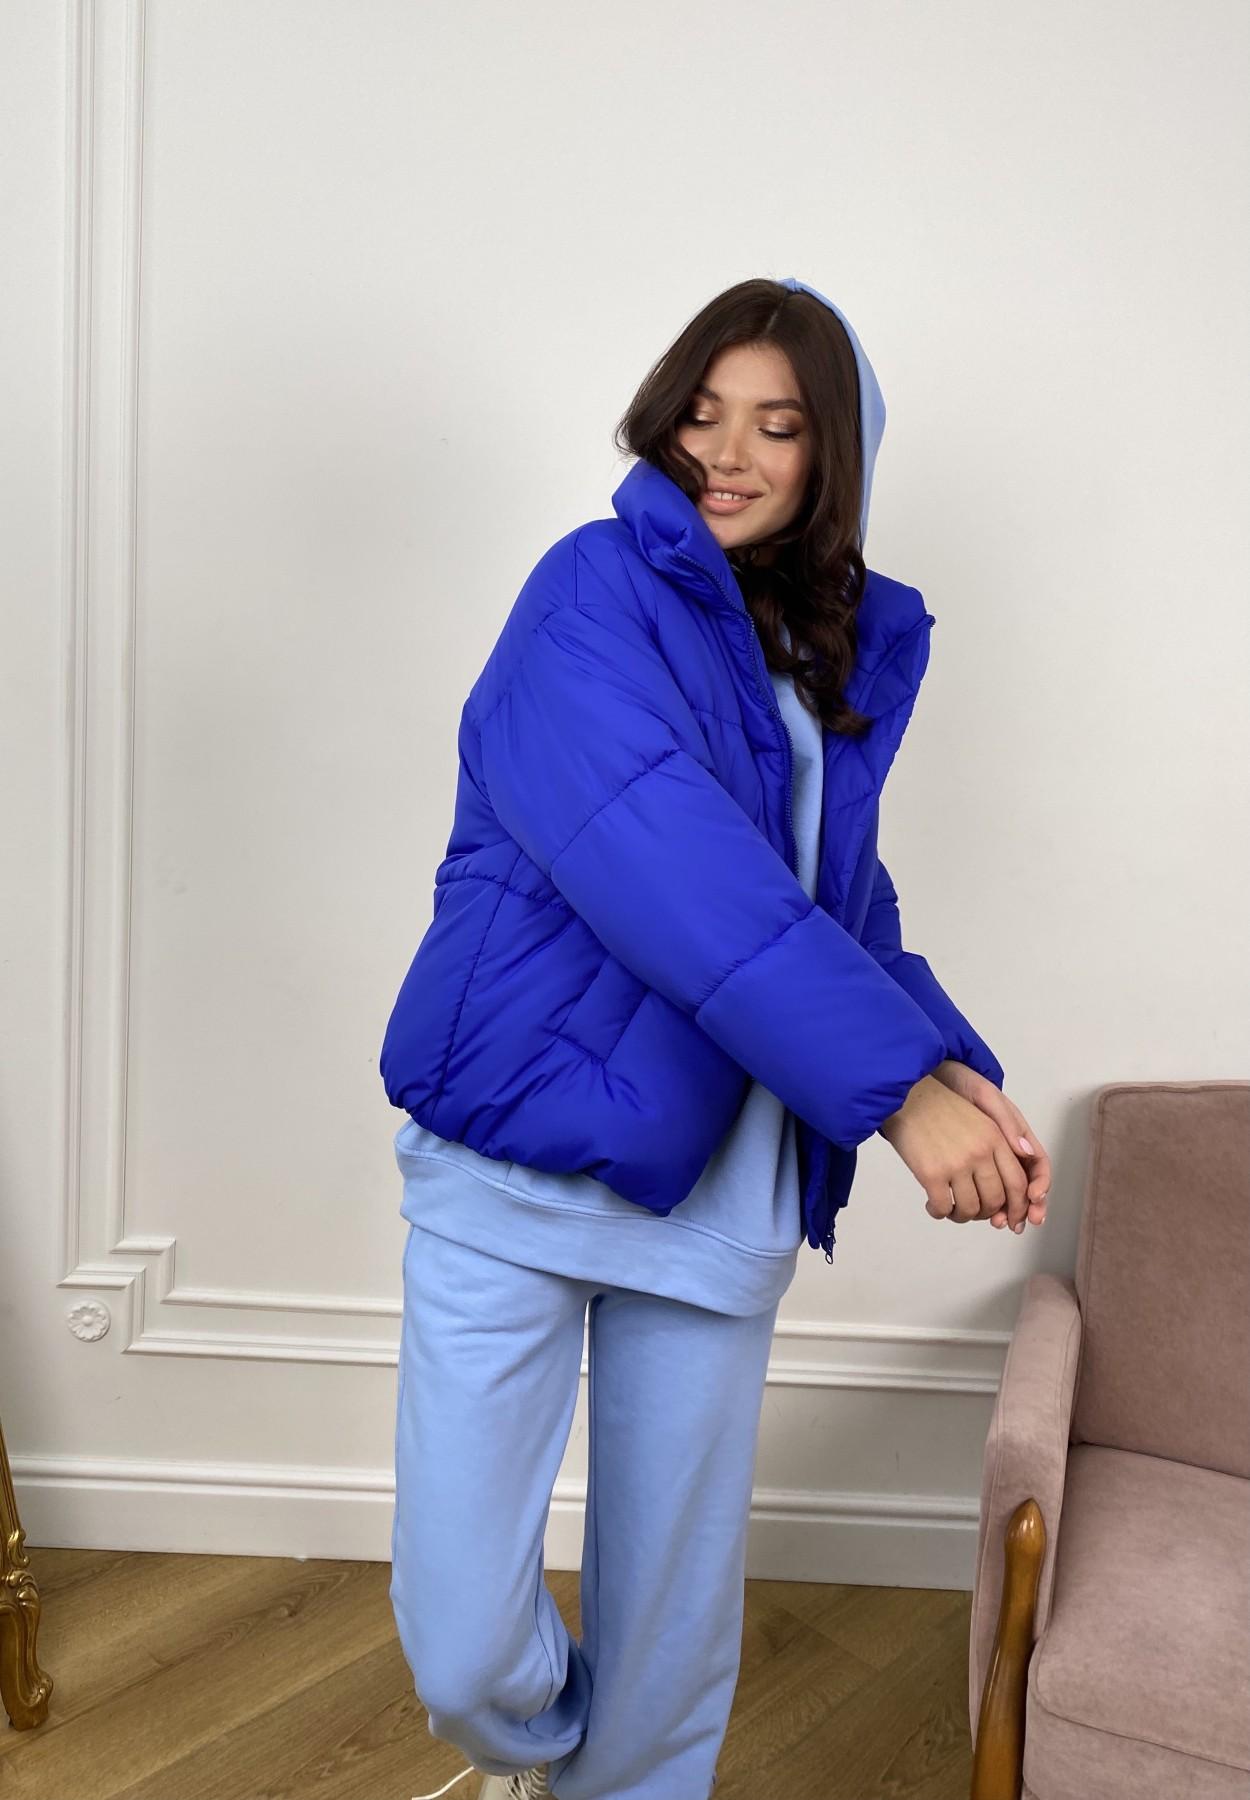 Нокс куртка из плащевой ткани 10535 АРТ. 46881 Цвет: Электрик 1052 - фото 3, интернет магазин tm-modus.ru